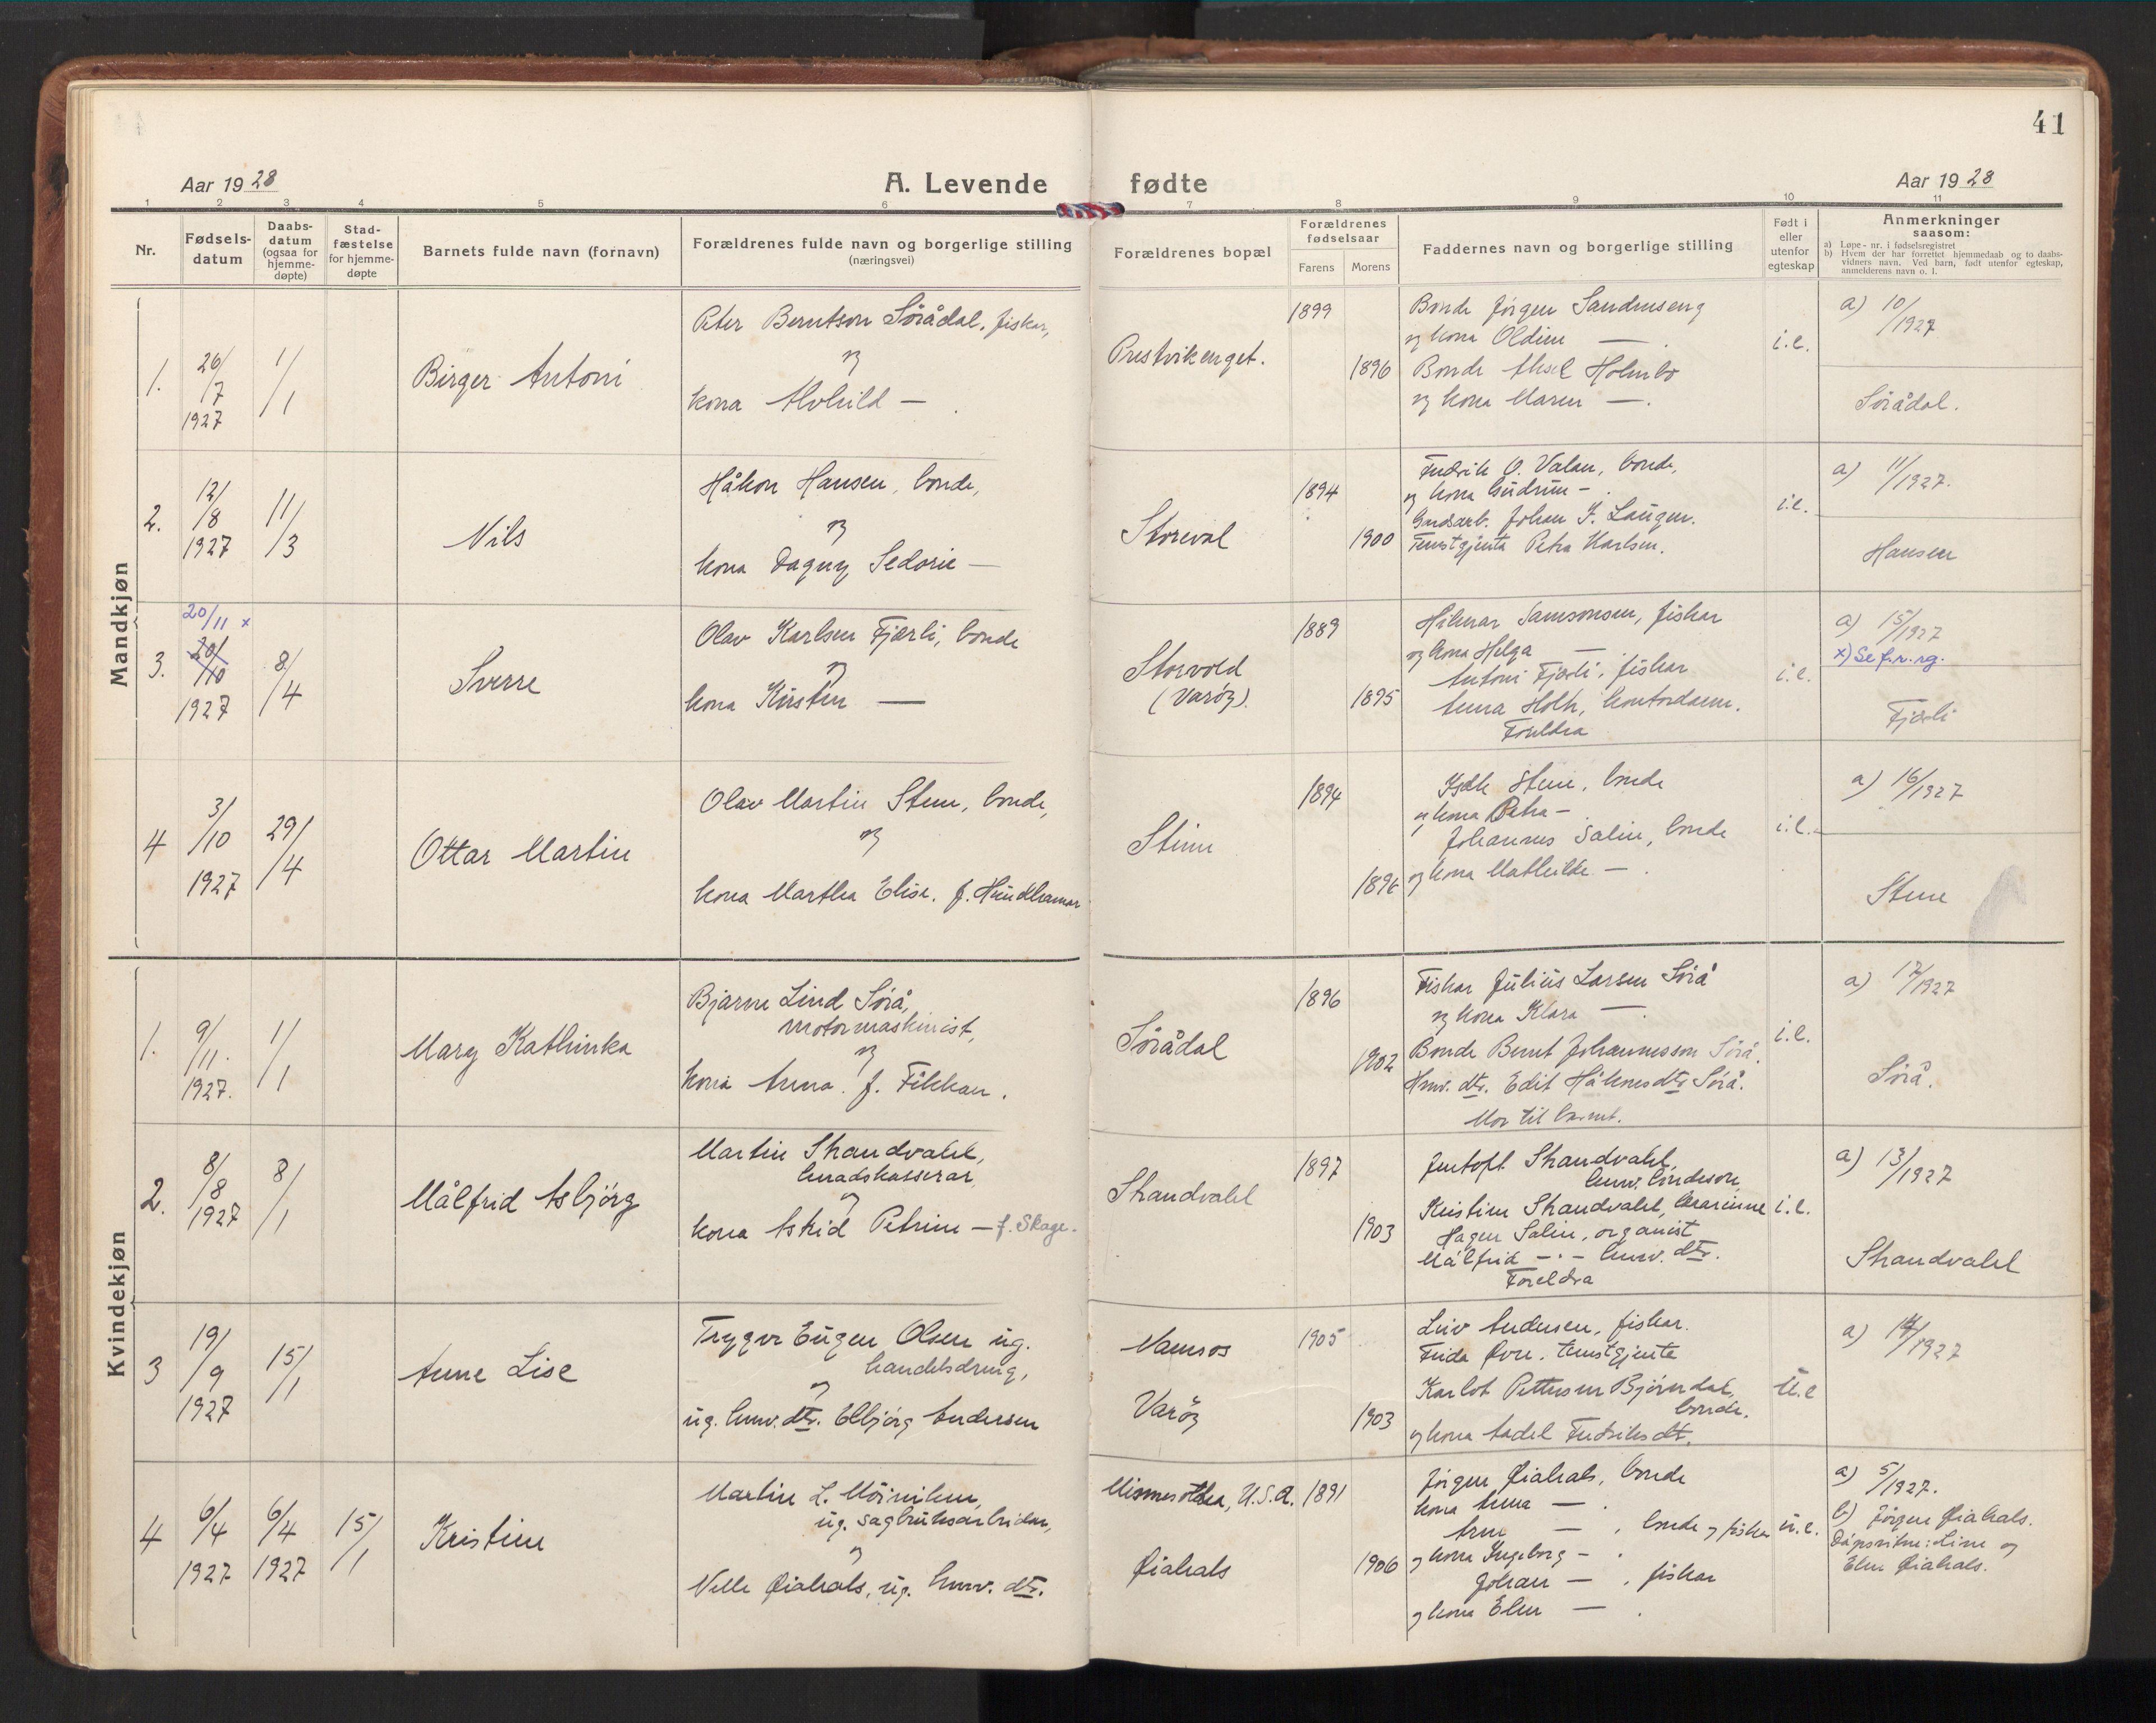 SAT, Ministerialprotokoller, klokkerbøker og fødselsregistre - Nord-Trøndelag, 784/L0678: Ministerialbok nr. 784A13, 1921-1938, s. 41